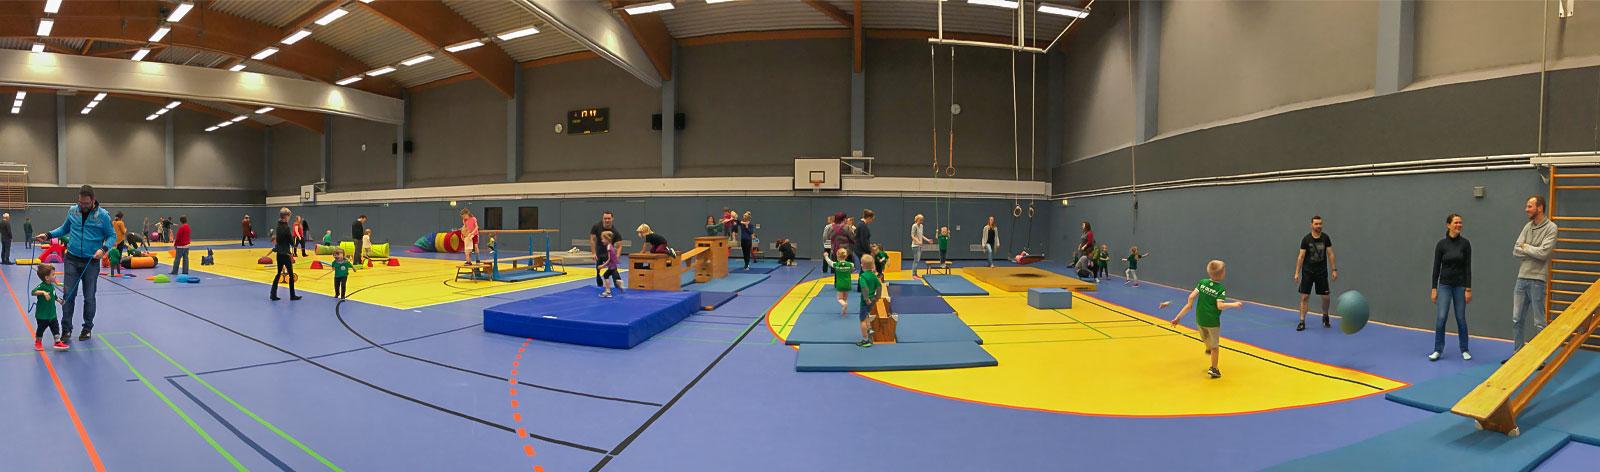 sv-olympia-greifswald-kindersport-slider